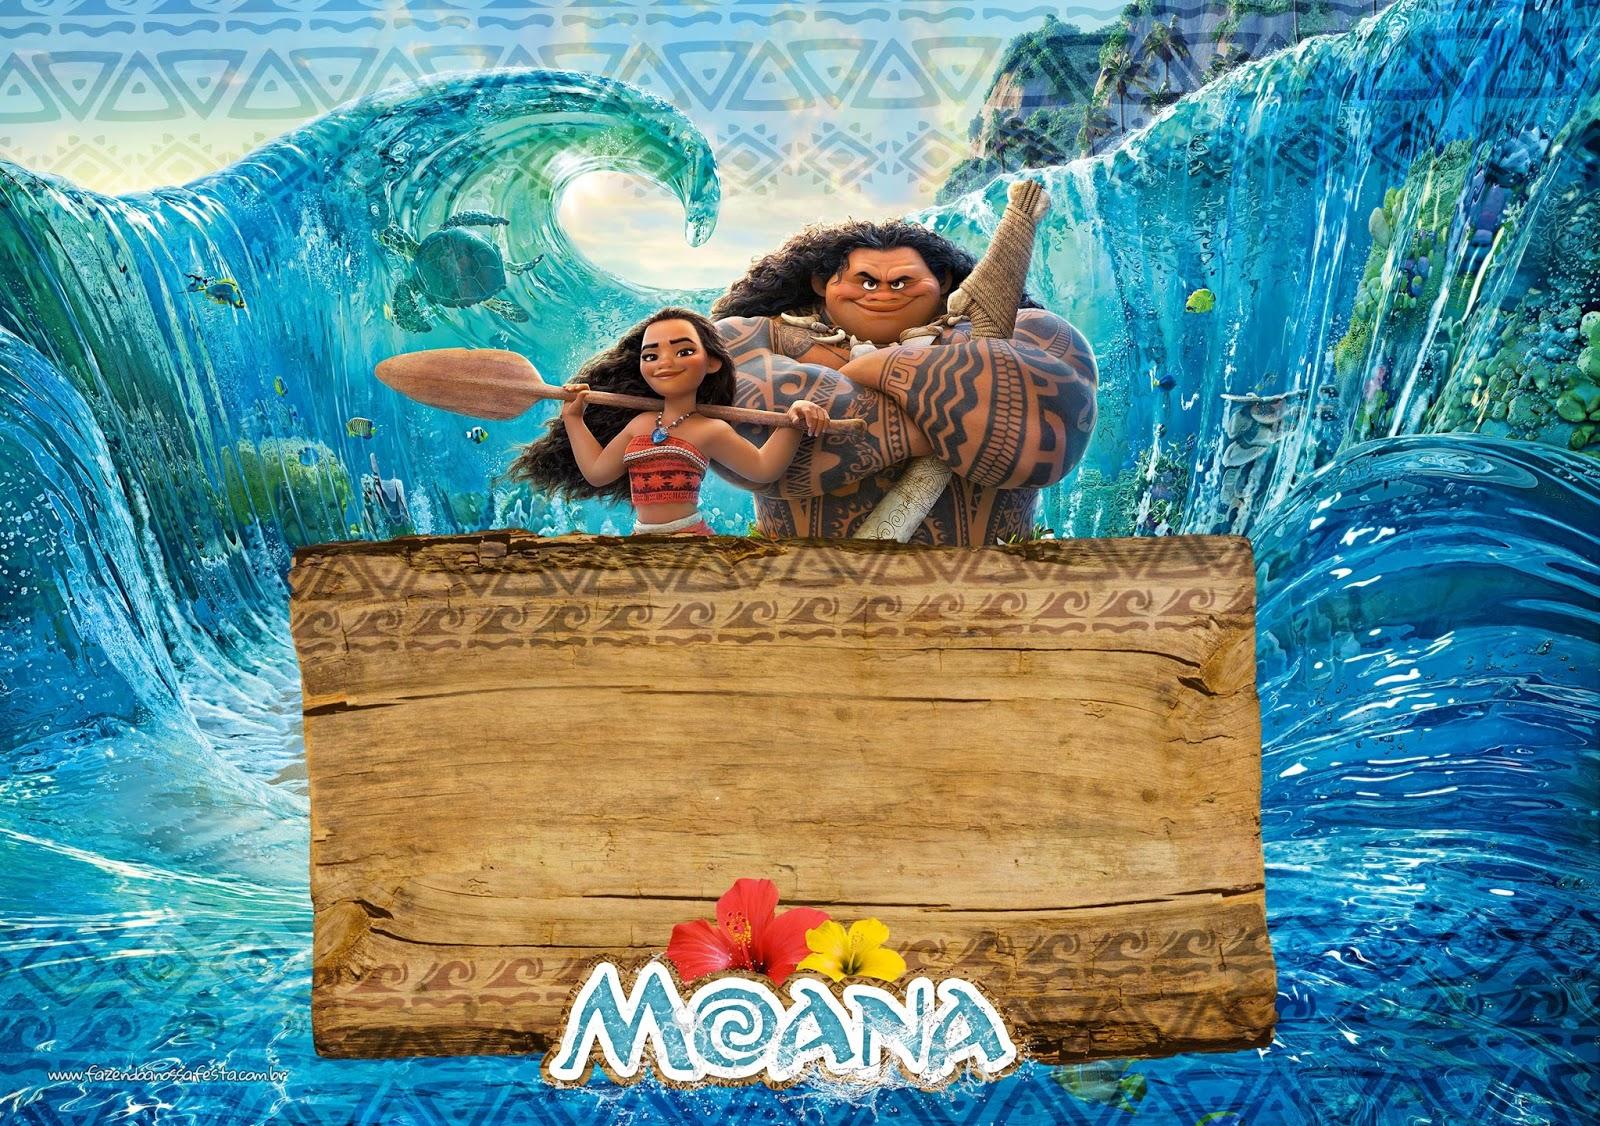 Moana free printable invitations oh my fiesta in english for Printable moana invitations